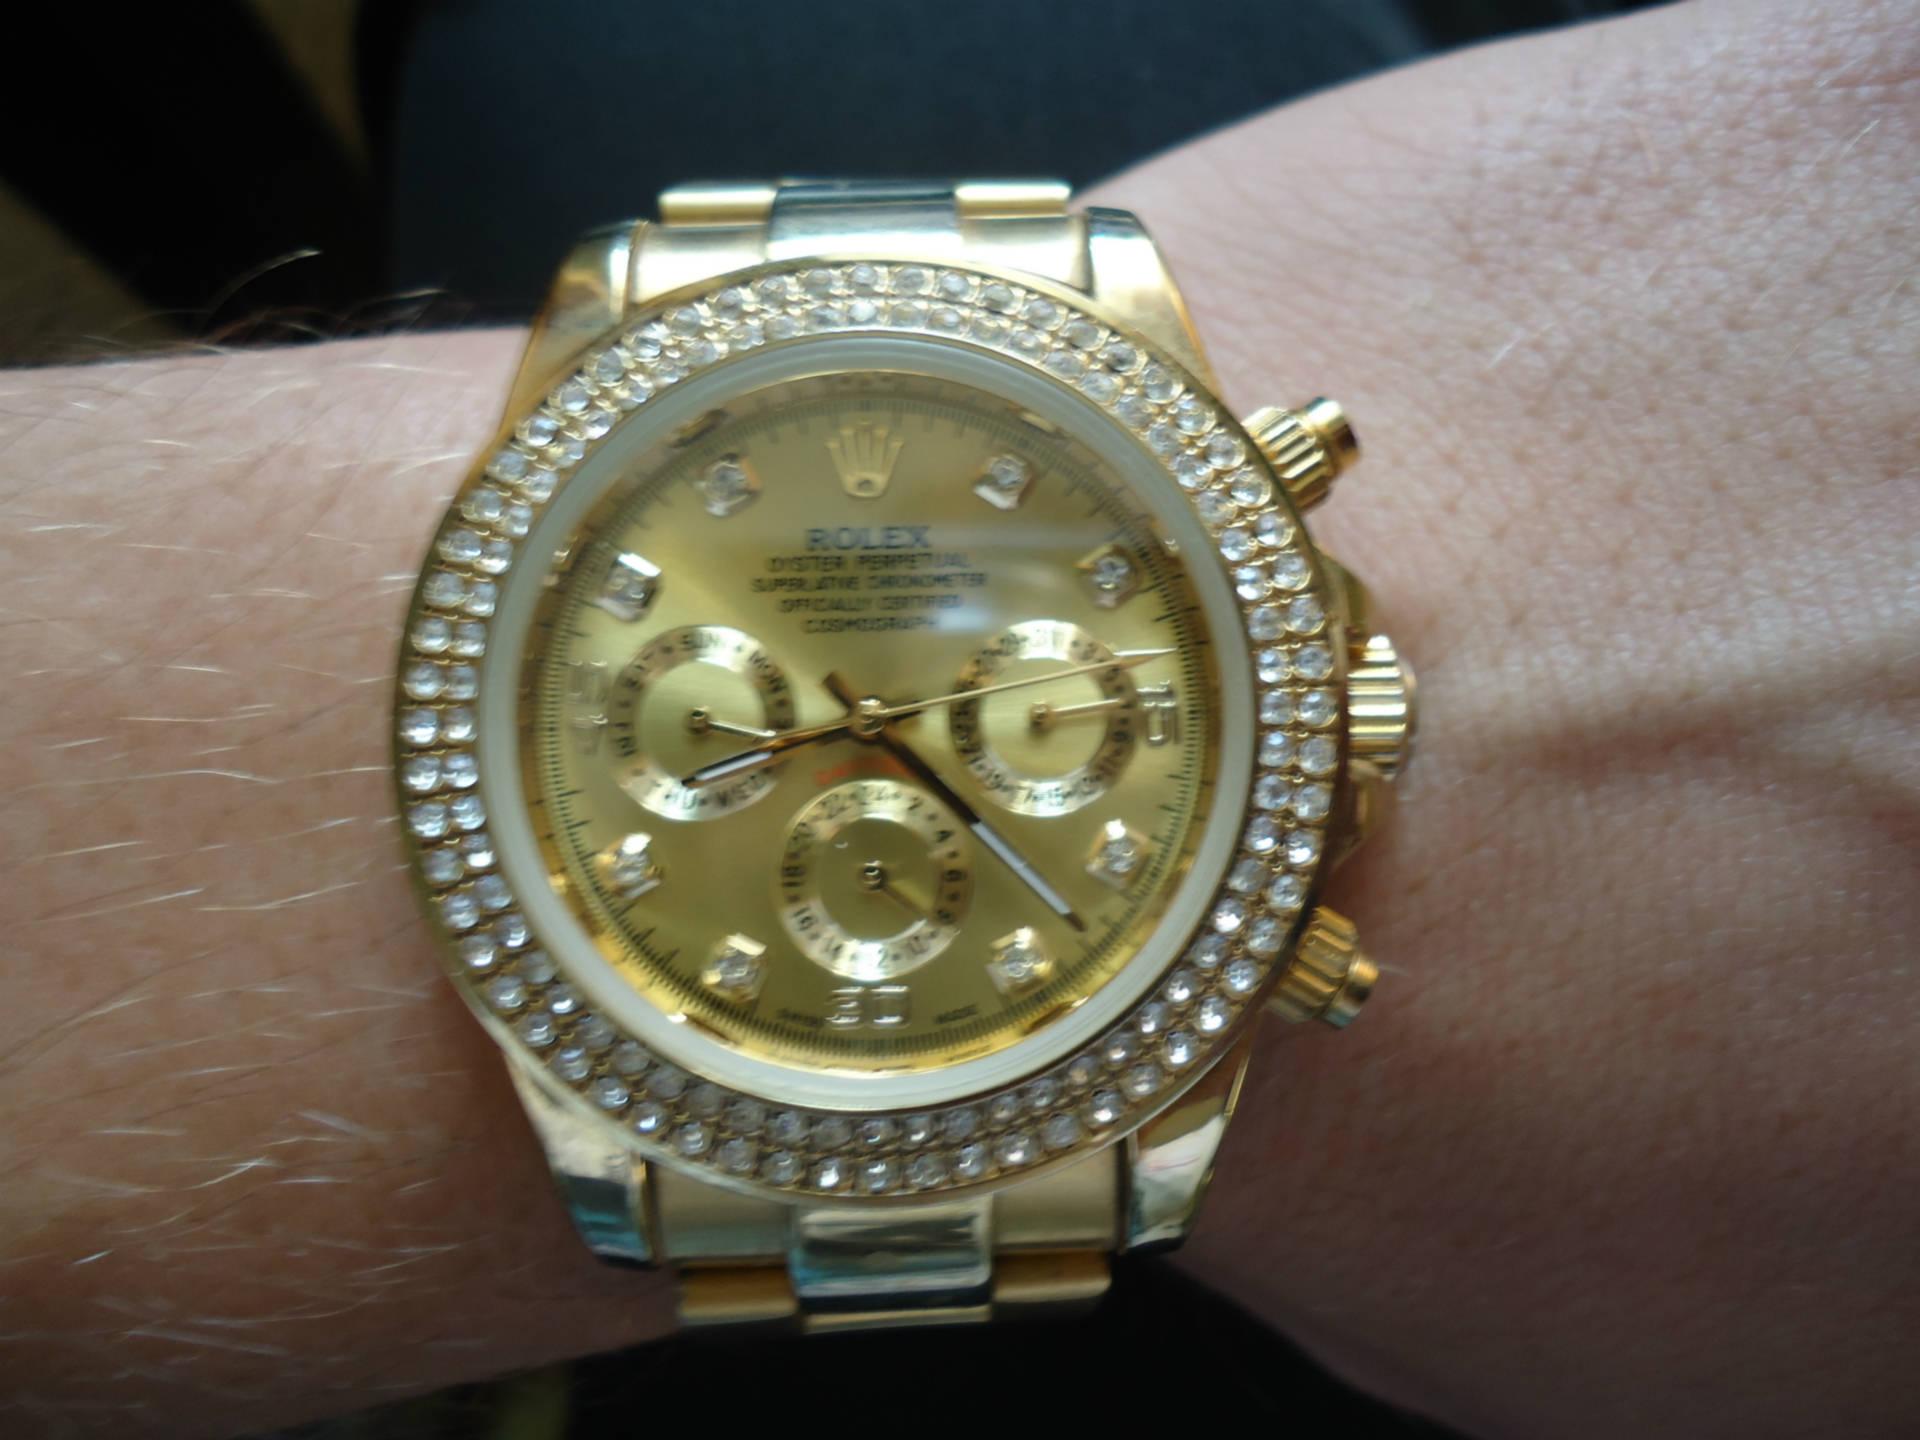 Точные копии швейцарских часов rolex (ролекс) с бесплатной доставкой по россии, недорого и качественно в интернет-магазине livening-russia.ru с моим превередливым отношением к копиям, придраться не к чему.